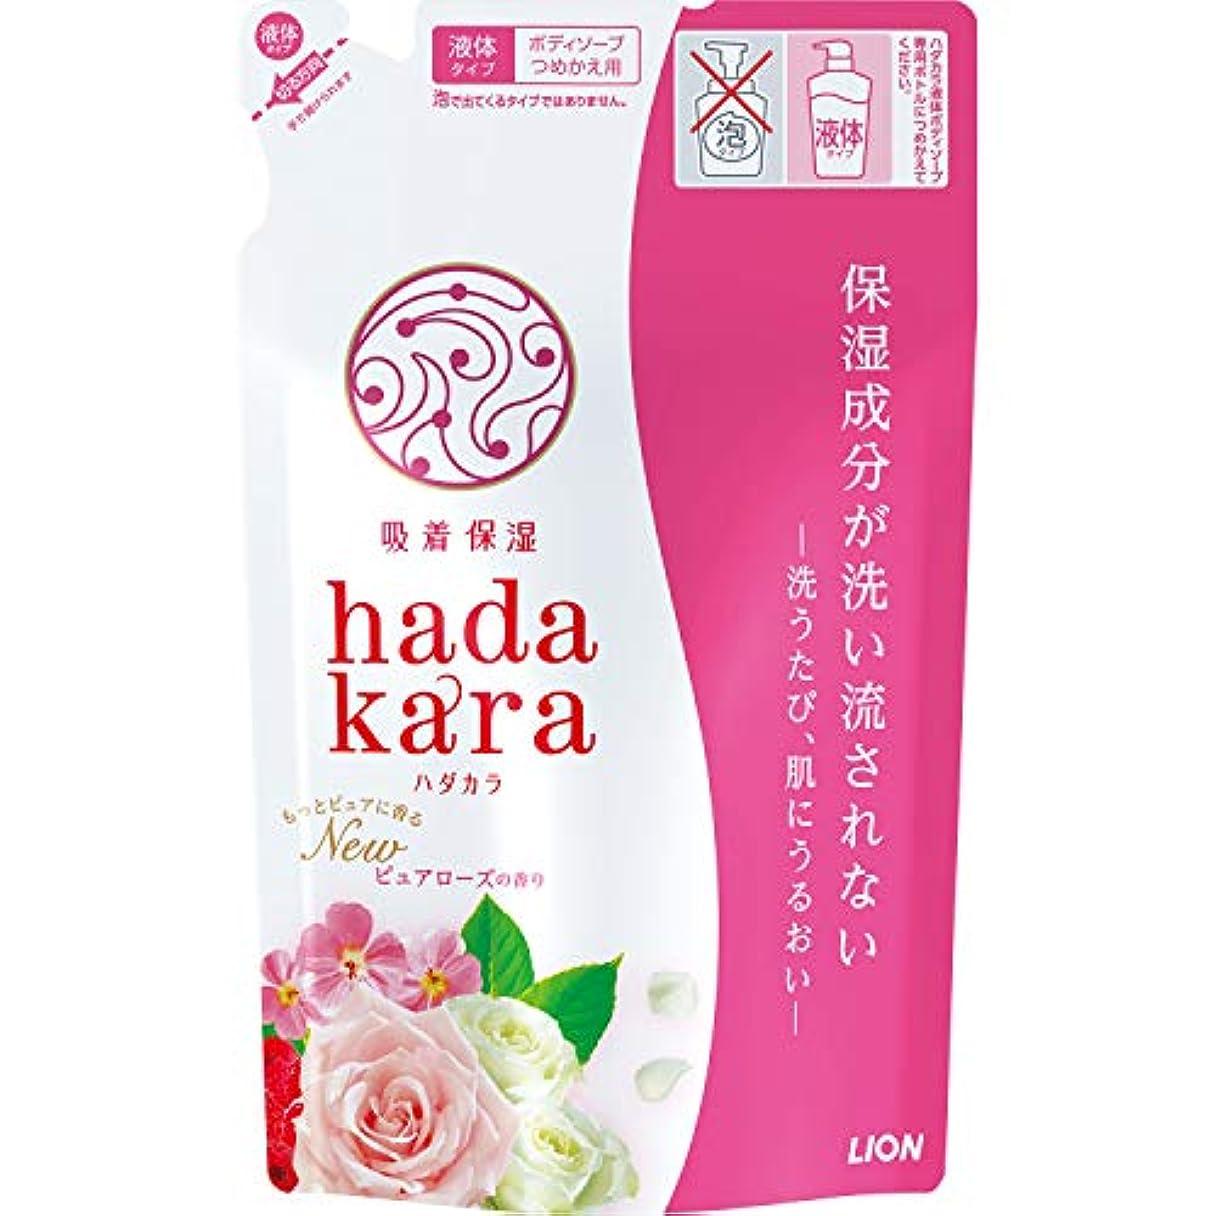 面白い宙返り担保hadakara(ハダカラ) ボディソープ ピュアローズの香り 詰め替え 360ml